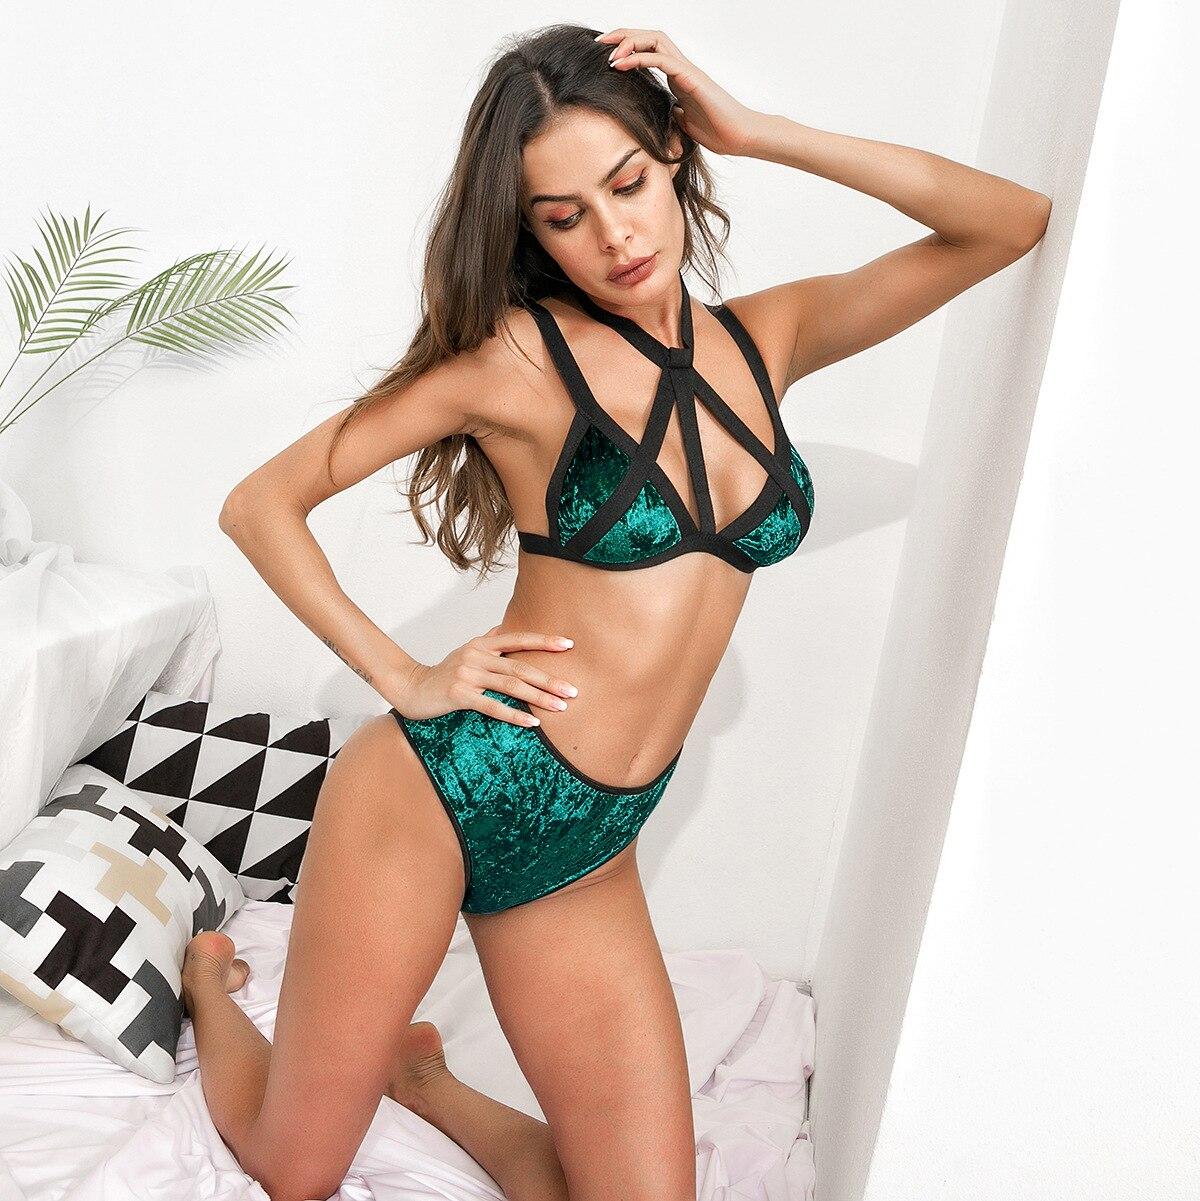 underwear   set   women velour strappy   bra     brief     set   winter velvet plunge two piece lingerie female 2 piece panties bralette WS4765Q